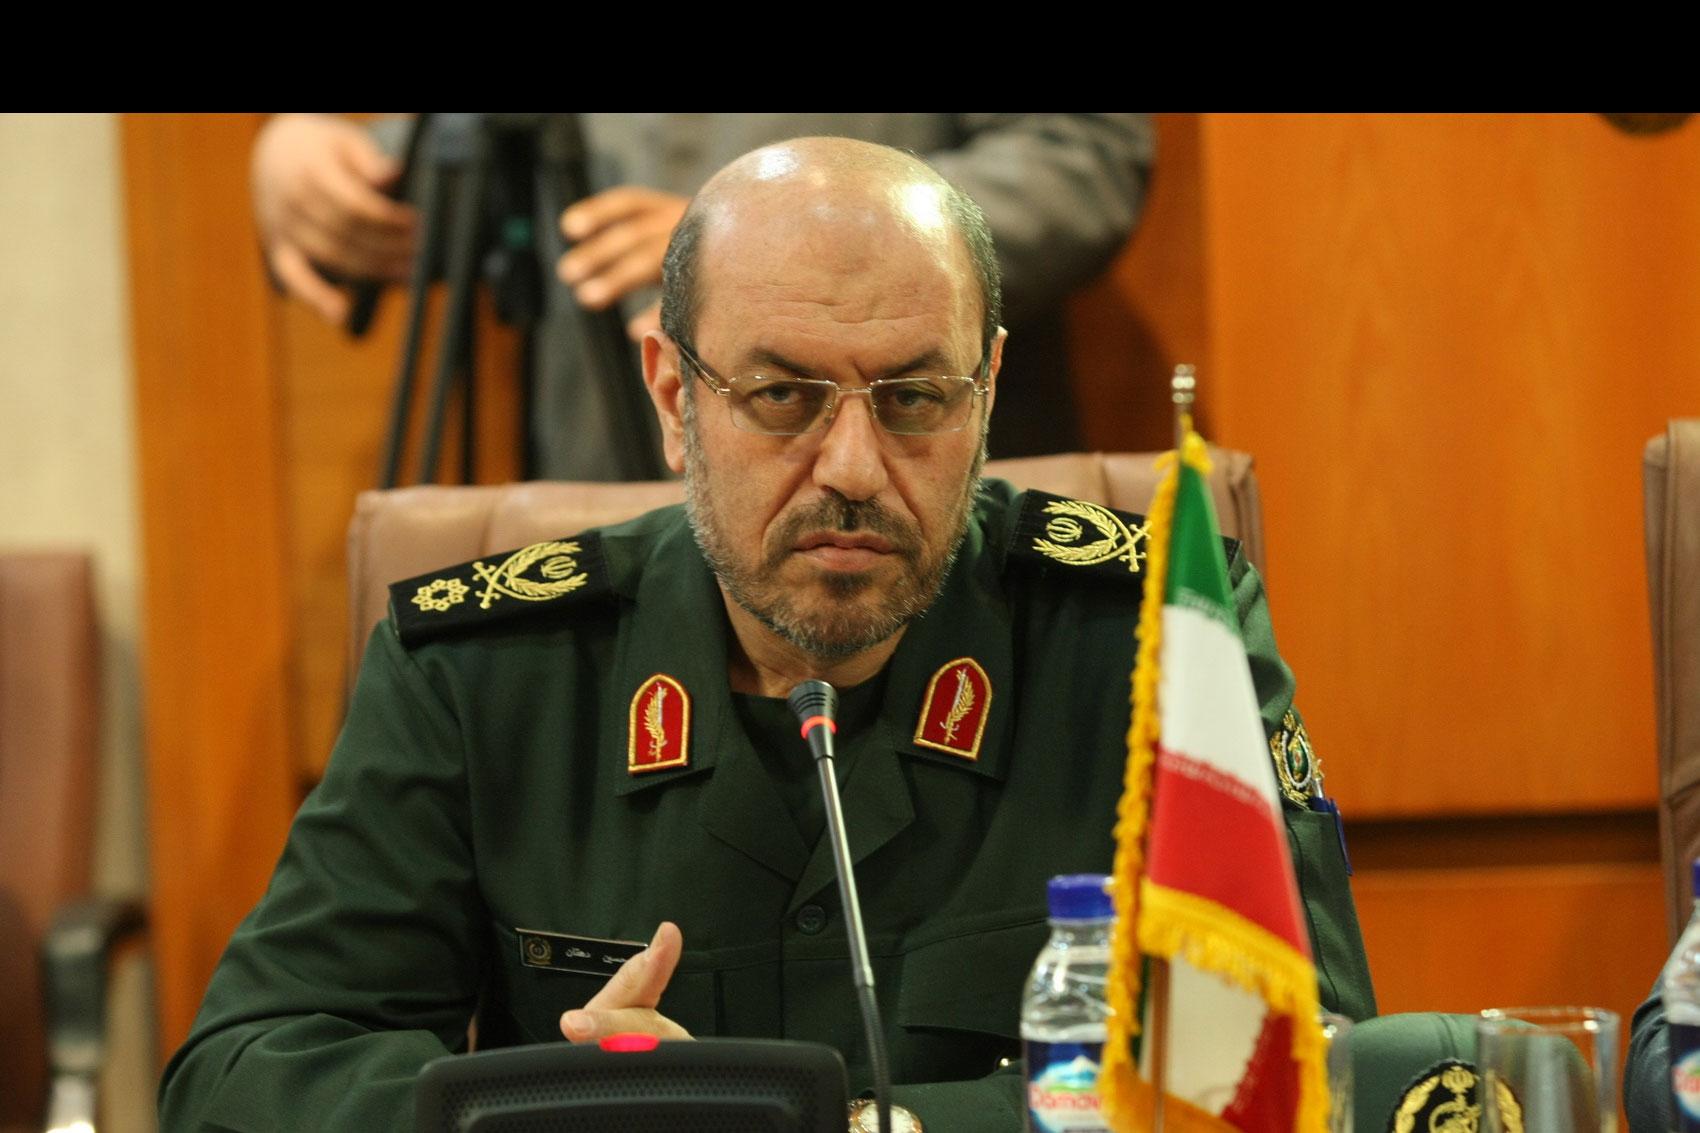 Irán, Rusia y Siria se reunieron en Teherán para discutir temas relacionados al grupo terrorista